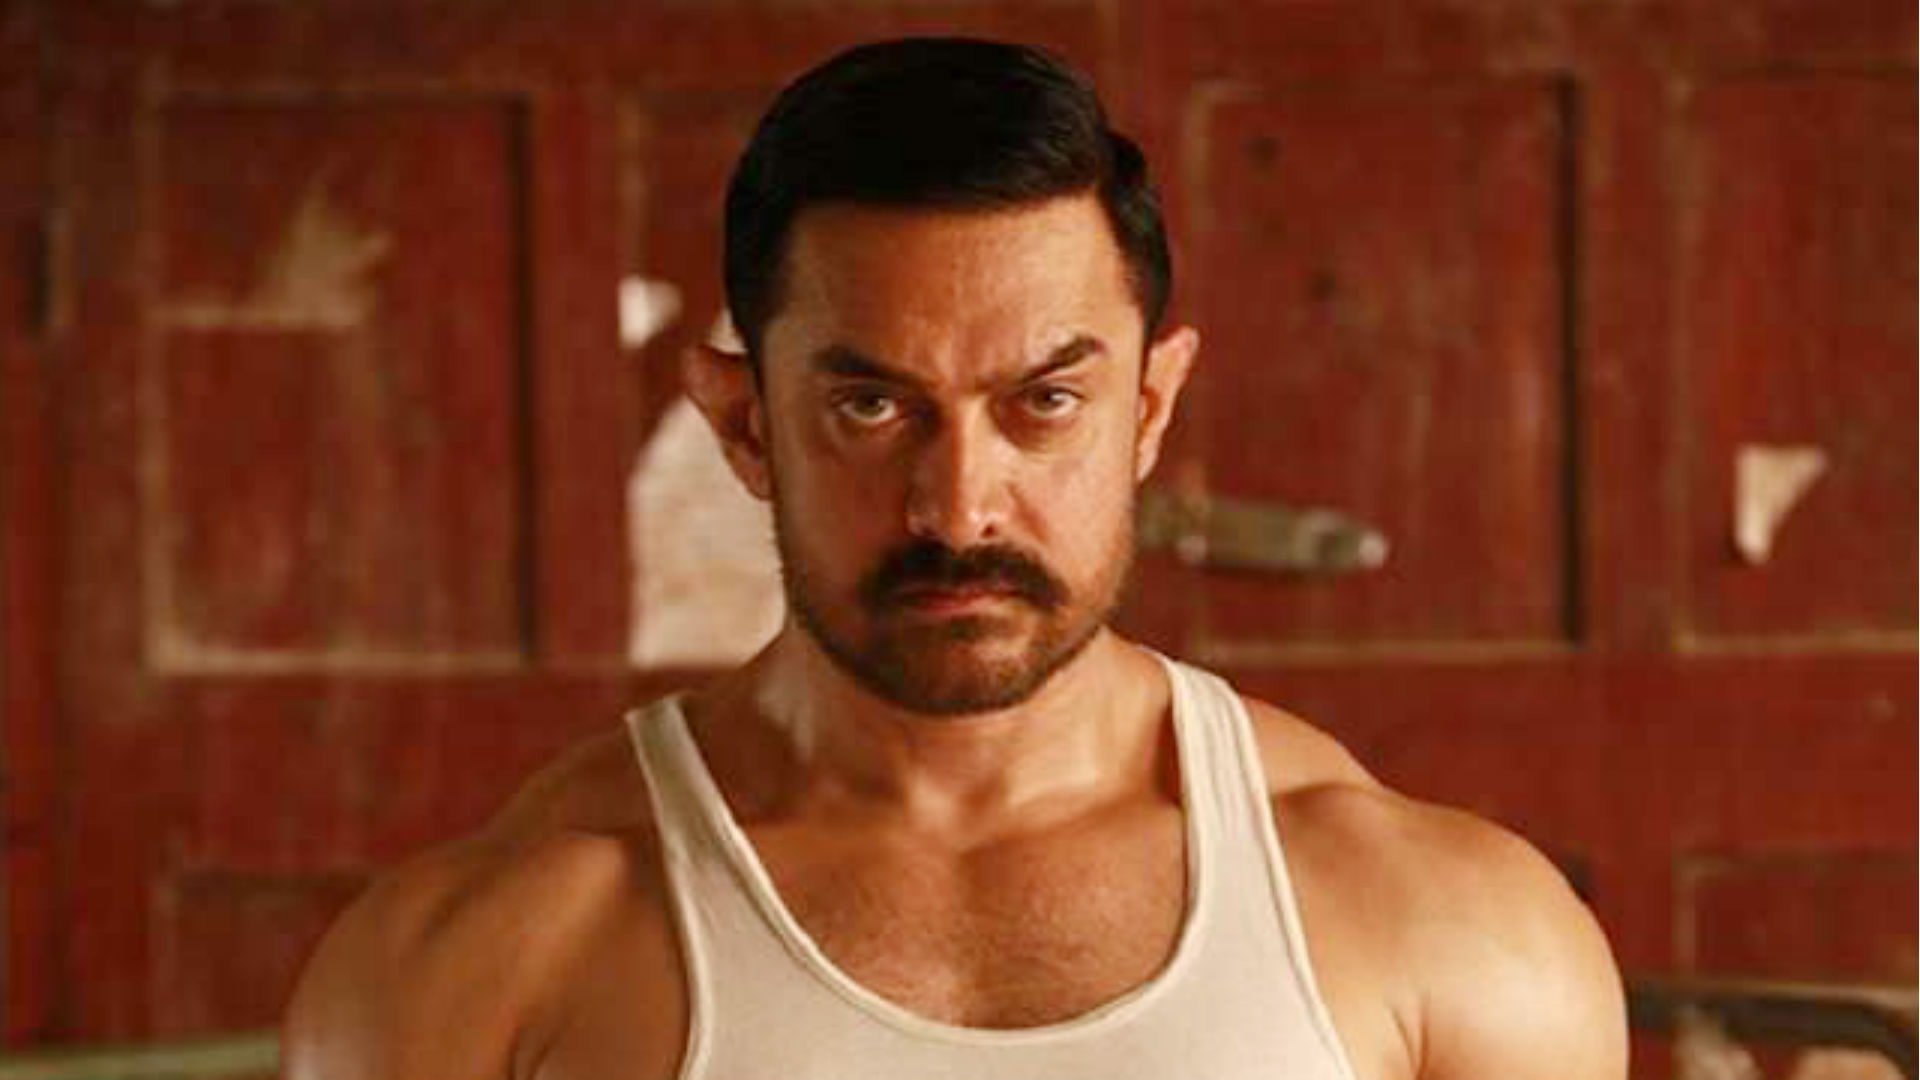 आमिर खान बर्थडेः इस खेल में चैंपियन रह चुके हैं बॉलीवुड के मिस्टर परफेक्शनिस्ट, जानें 5 अनसुनी बातें